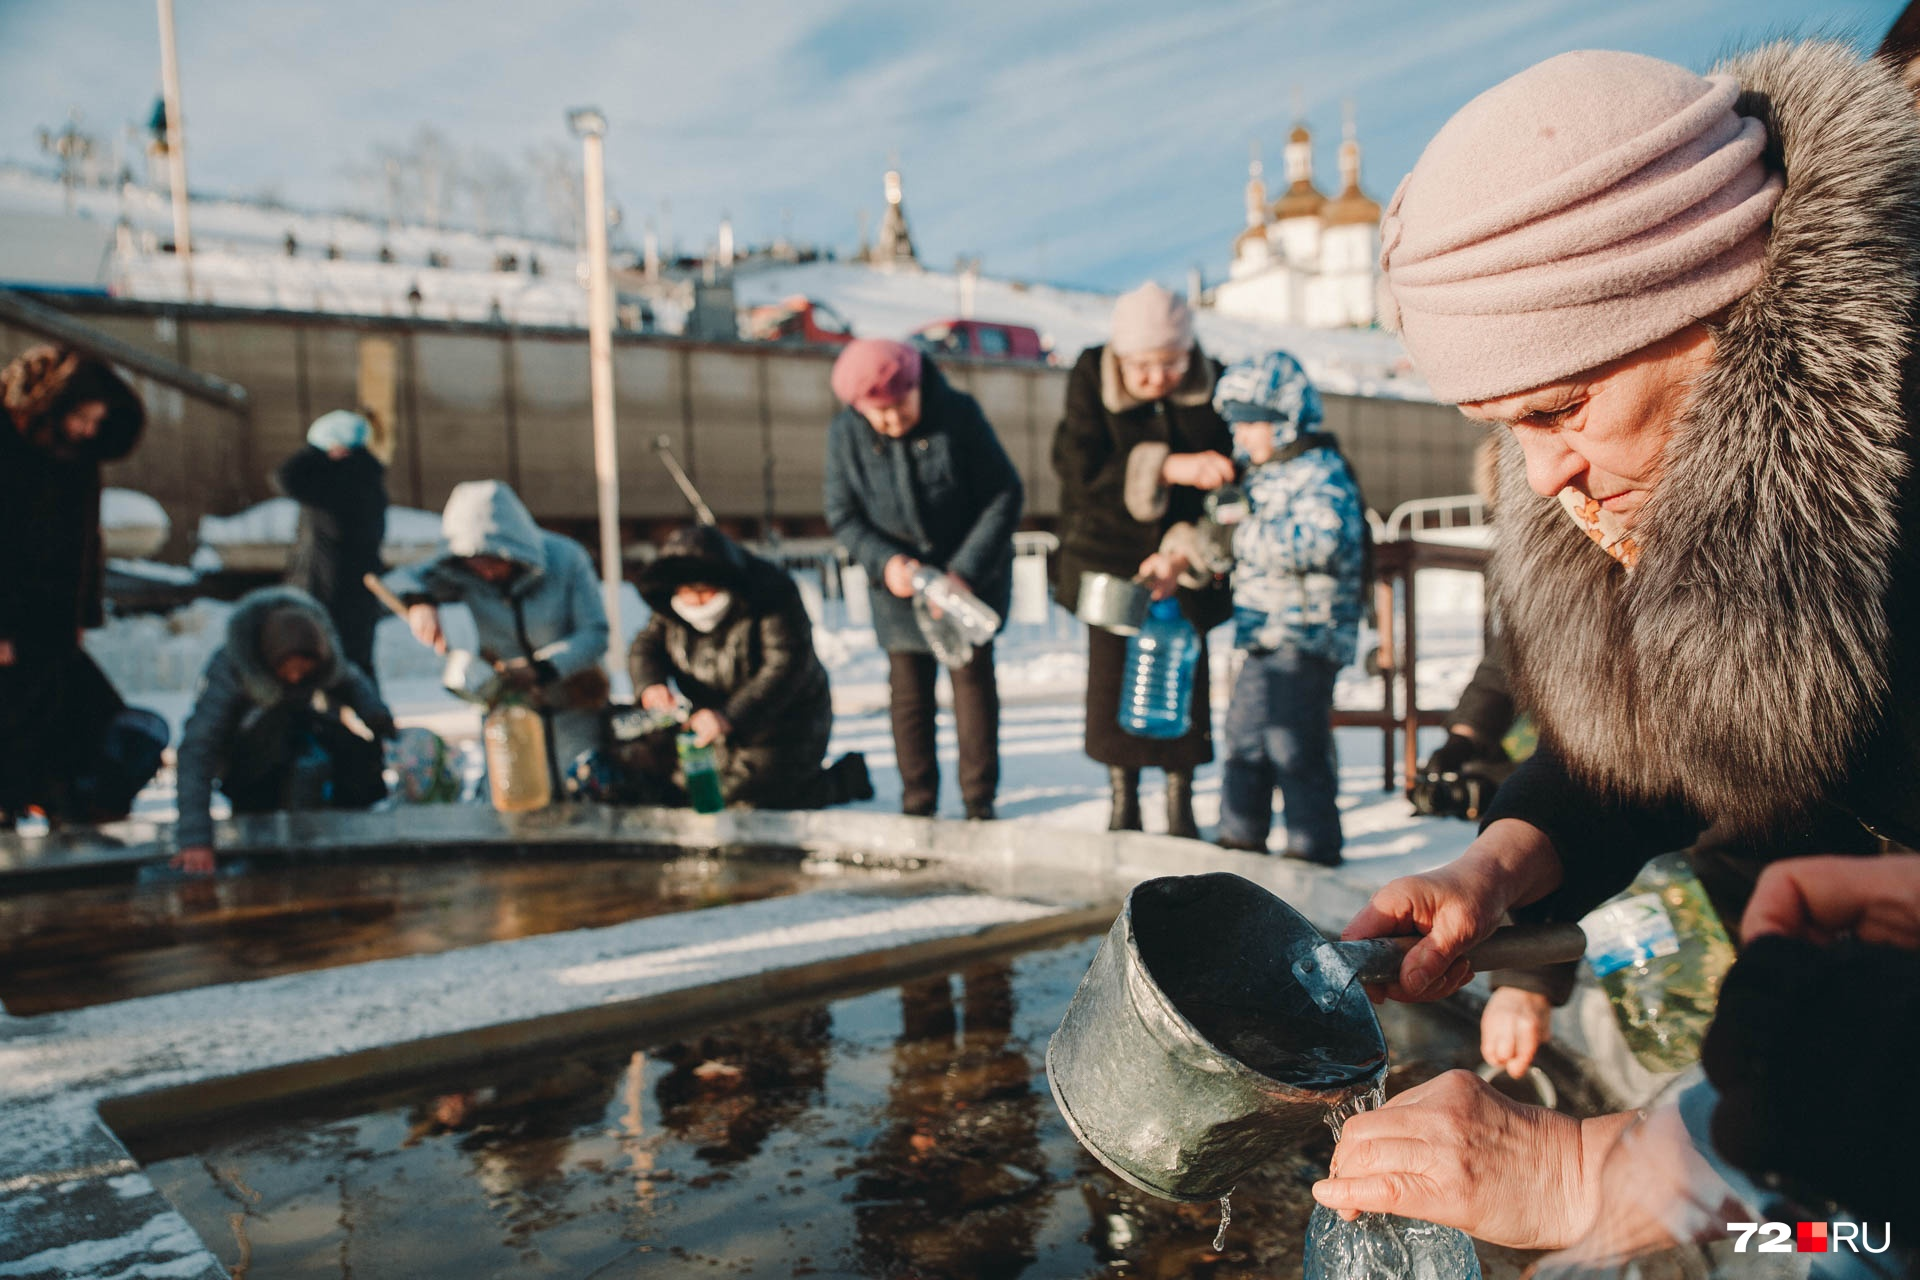 А еще многие верующие принесли с собой специальную тару для святой воды. Некоторые набирали освященную владыкой воду в пятилитровые бутылки